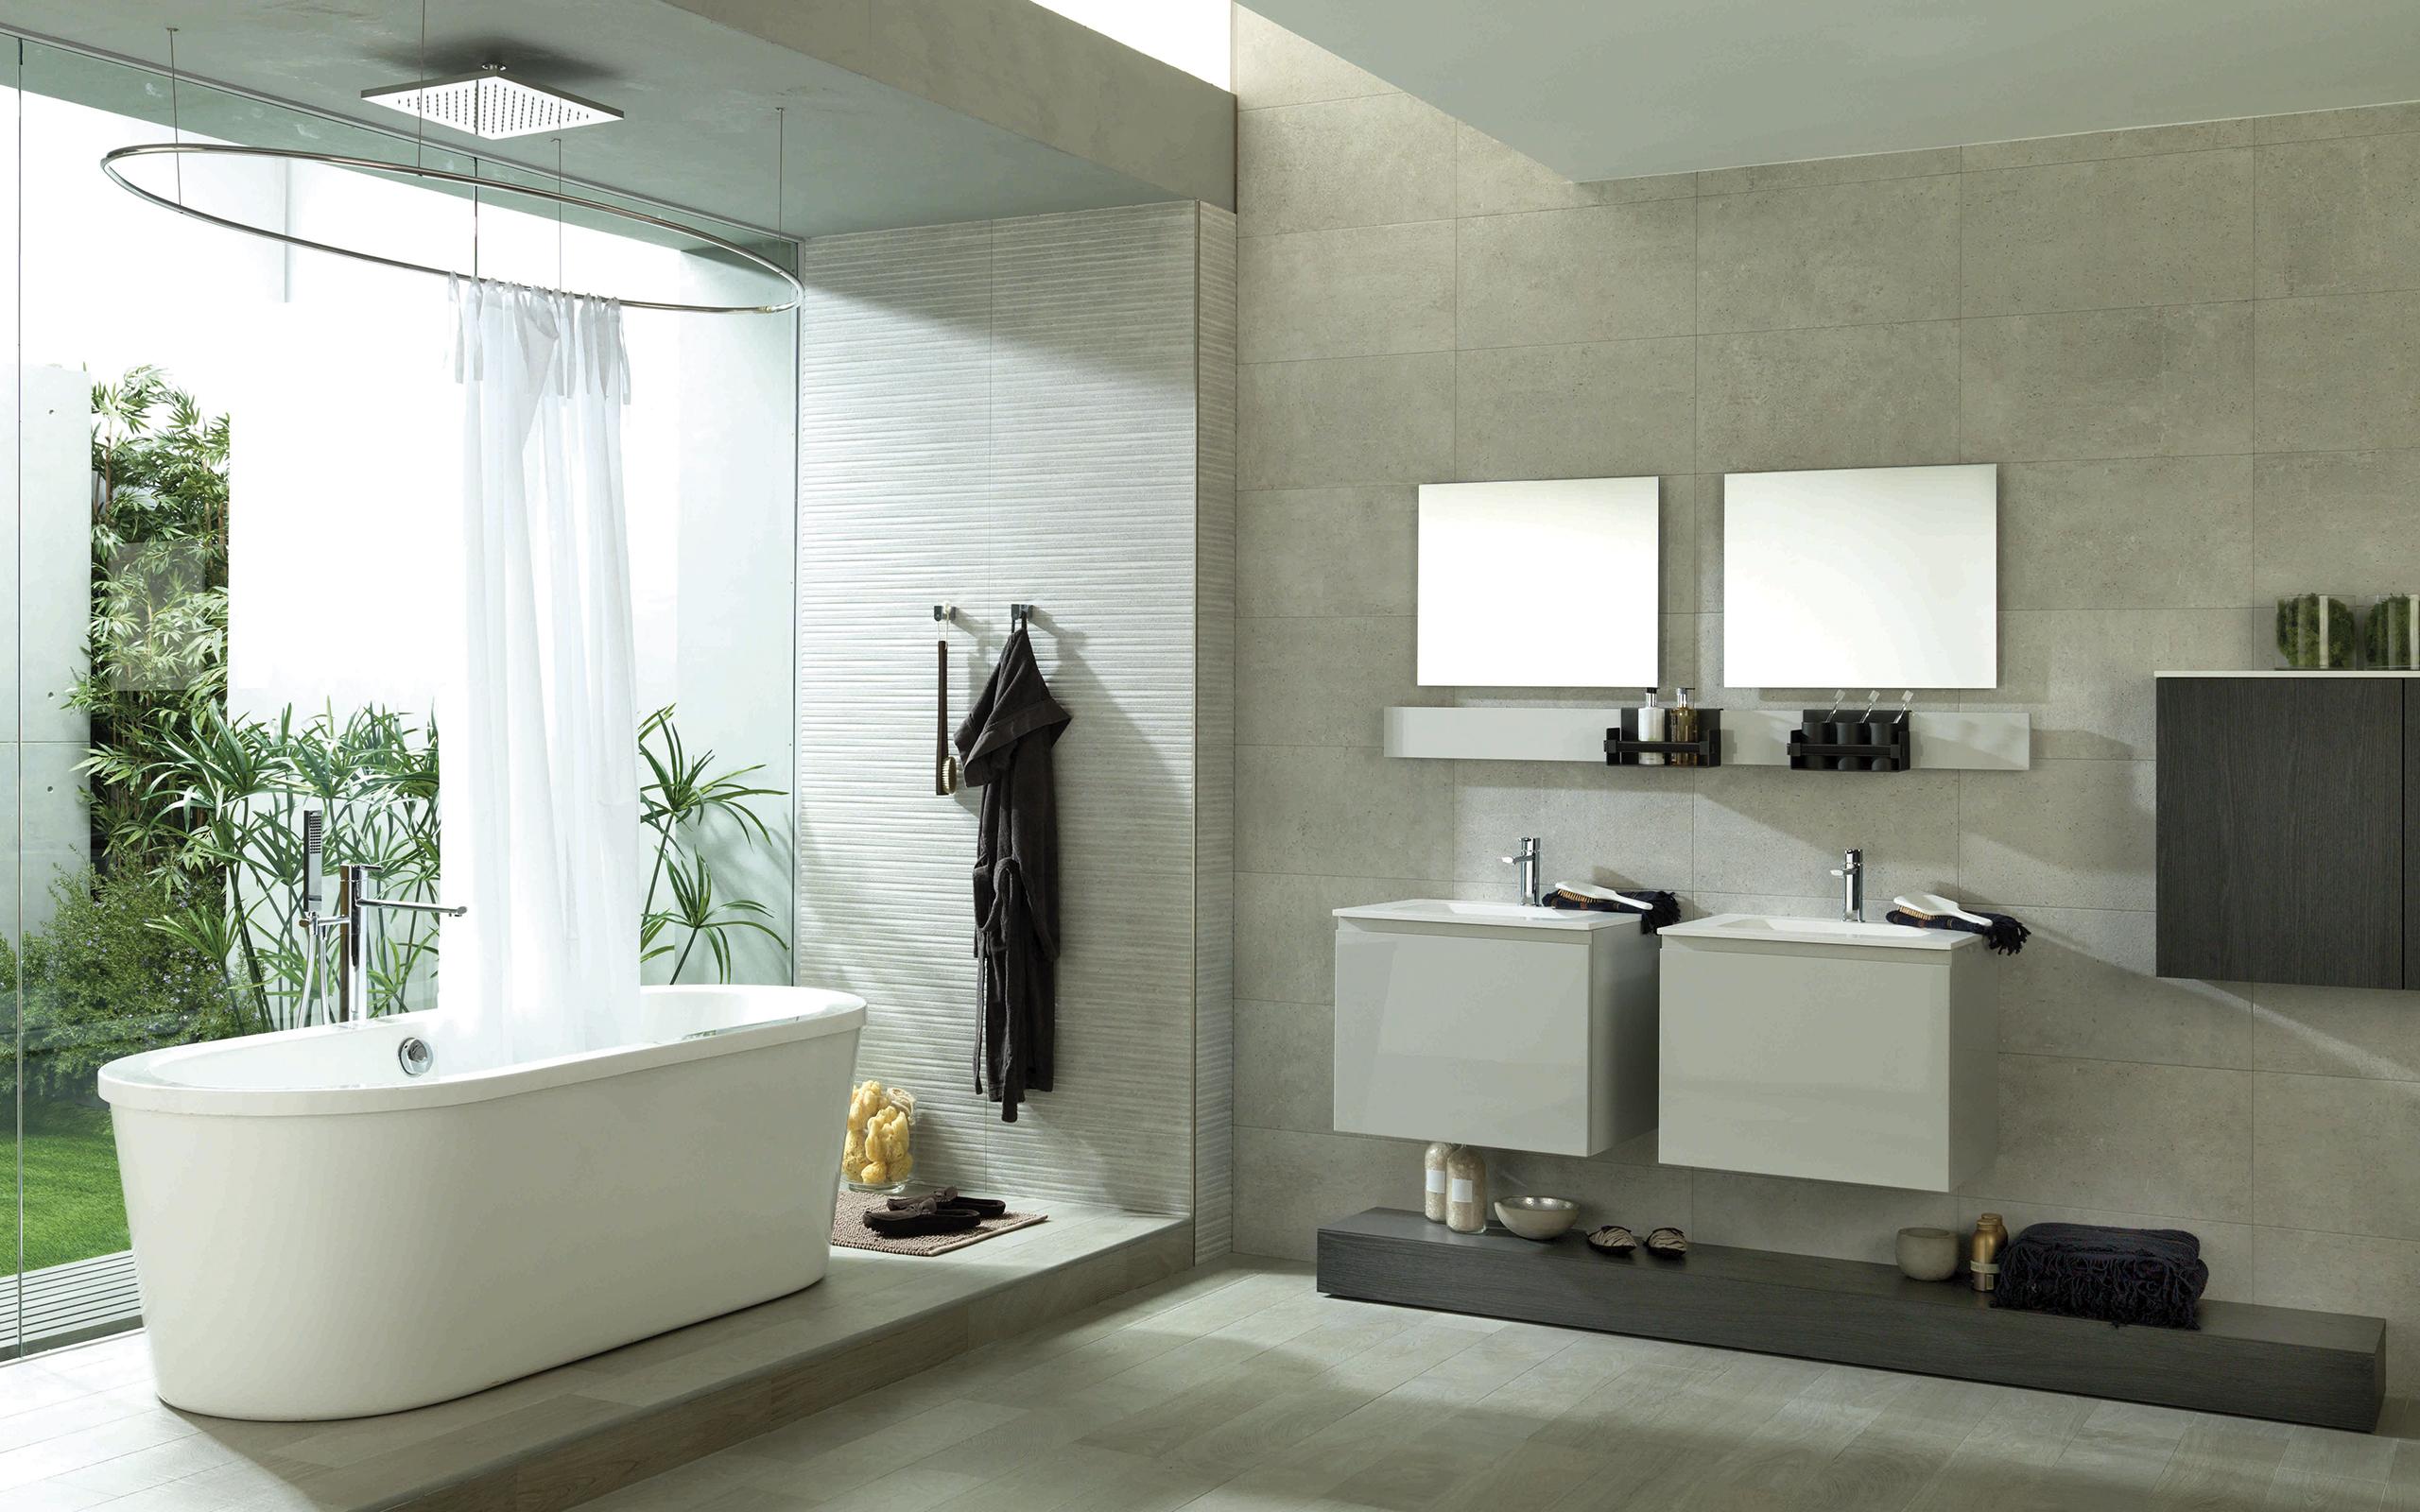 Colección Next: Baños modernos con una gran versatilidad - GAMADECOR ...